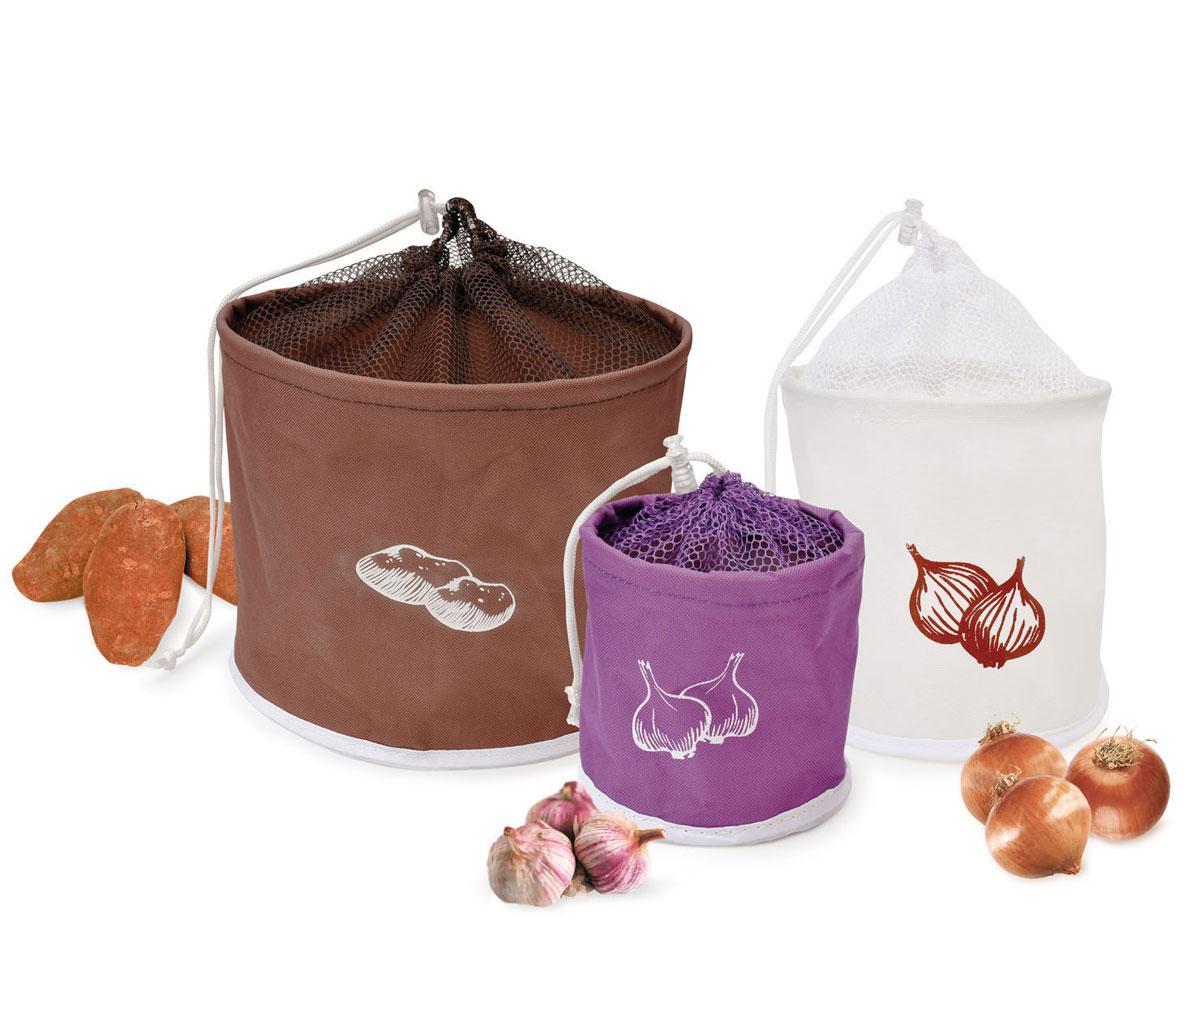 Набор сумок для хранения продуктов Iris, 3 штVT-1520(SR)Набор Iris состоит из трех сумок разного размера и цвета, предназначенных для хранения картофеля, лука и чеснока. Изделия выполнены из плотного полиэстера, сверху оснащены сеткой на кулиске. Благодаря сетке происходит естественная вентиляция продуктов, что предотвращает их гниение. Внутренний слой предотвращает цветение и образование плесени на плодах. Сумки удобны в использовании. Оригинальные сумки станут незаменимым украшением интерьера на кухне у хорошей хозяйки. Диаметр сумок: 12 см, 19 см, 25 см. Высота сумок: 12 см, 18,5 см, 20,5 см.